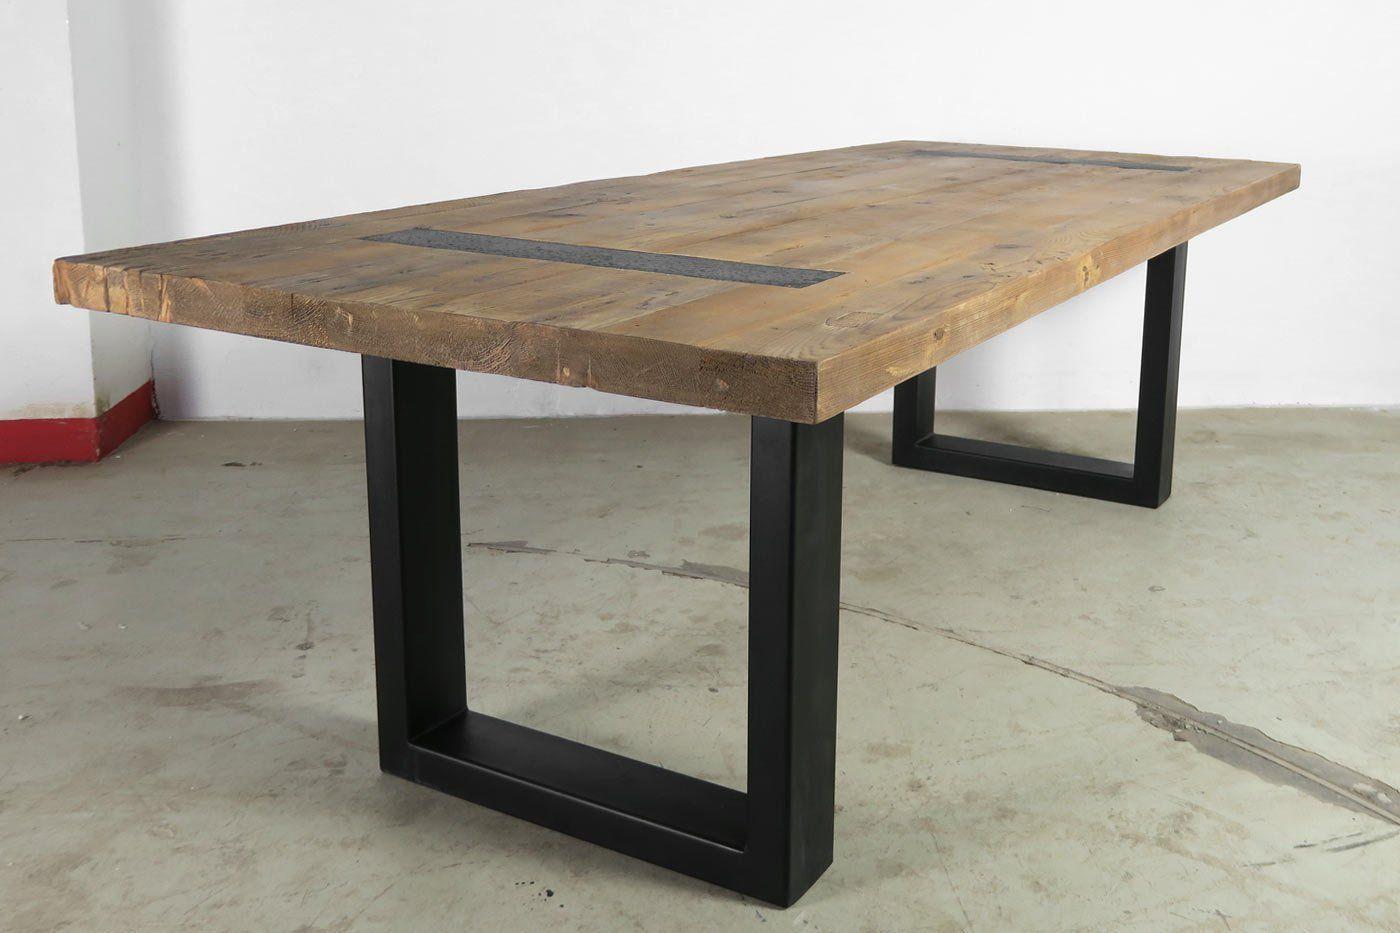 Alte Esstische Holz alte pinie esstisch 240x100cm unikat 31174 pinie esstische und